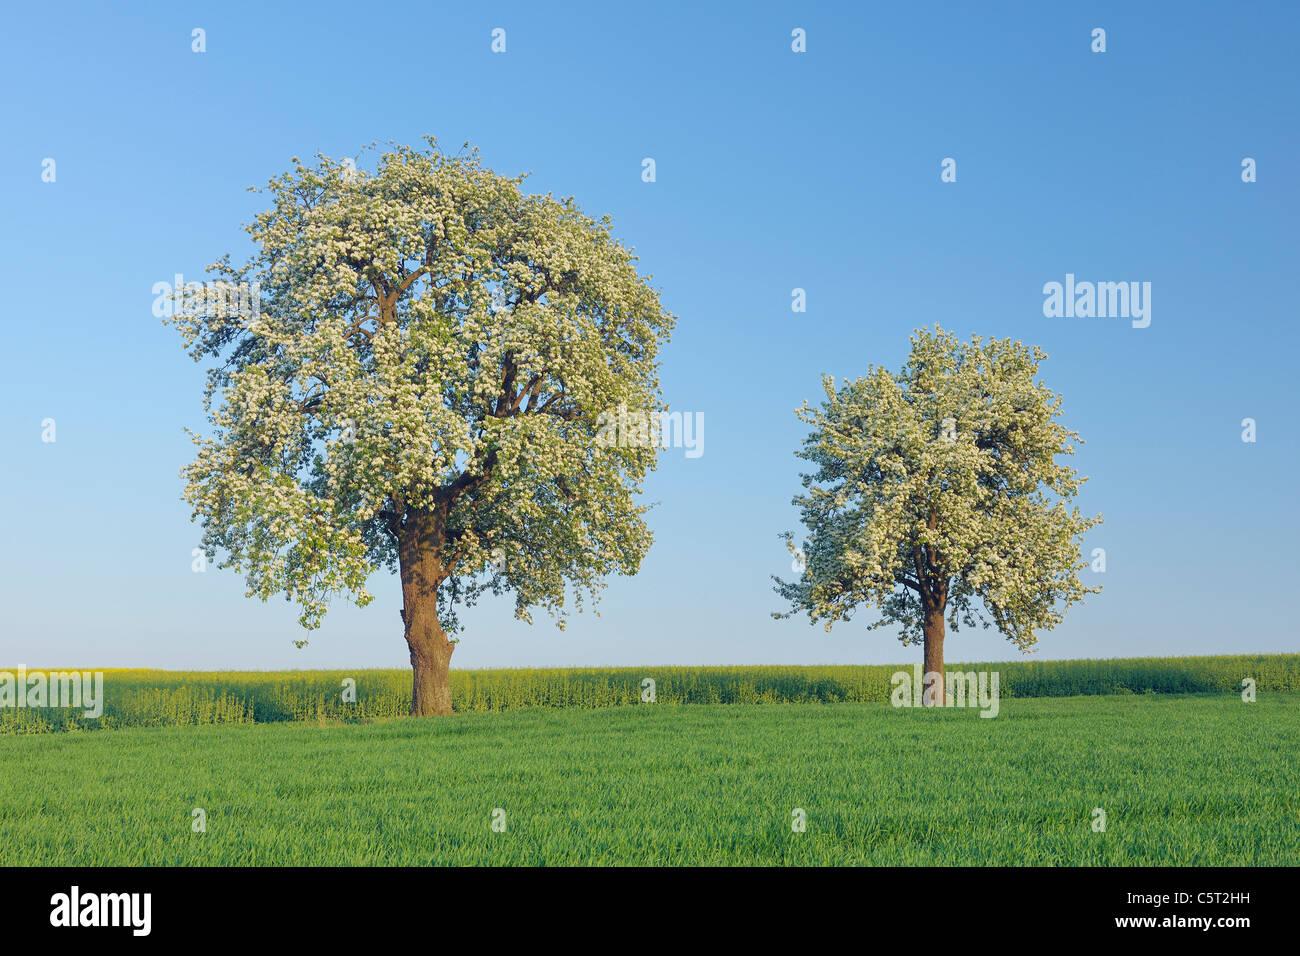 deutschland saarland mettlach merzig wadern blick auf bl hende birnbaum auf wiese stockfoto. Black Bedroom Furniture Sets. Home Design Ideas